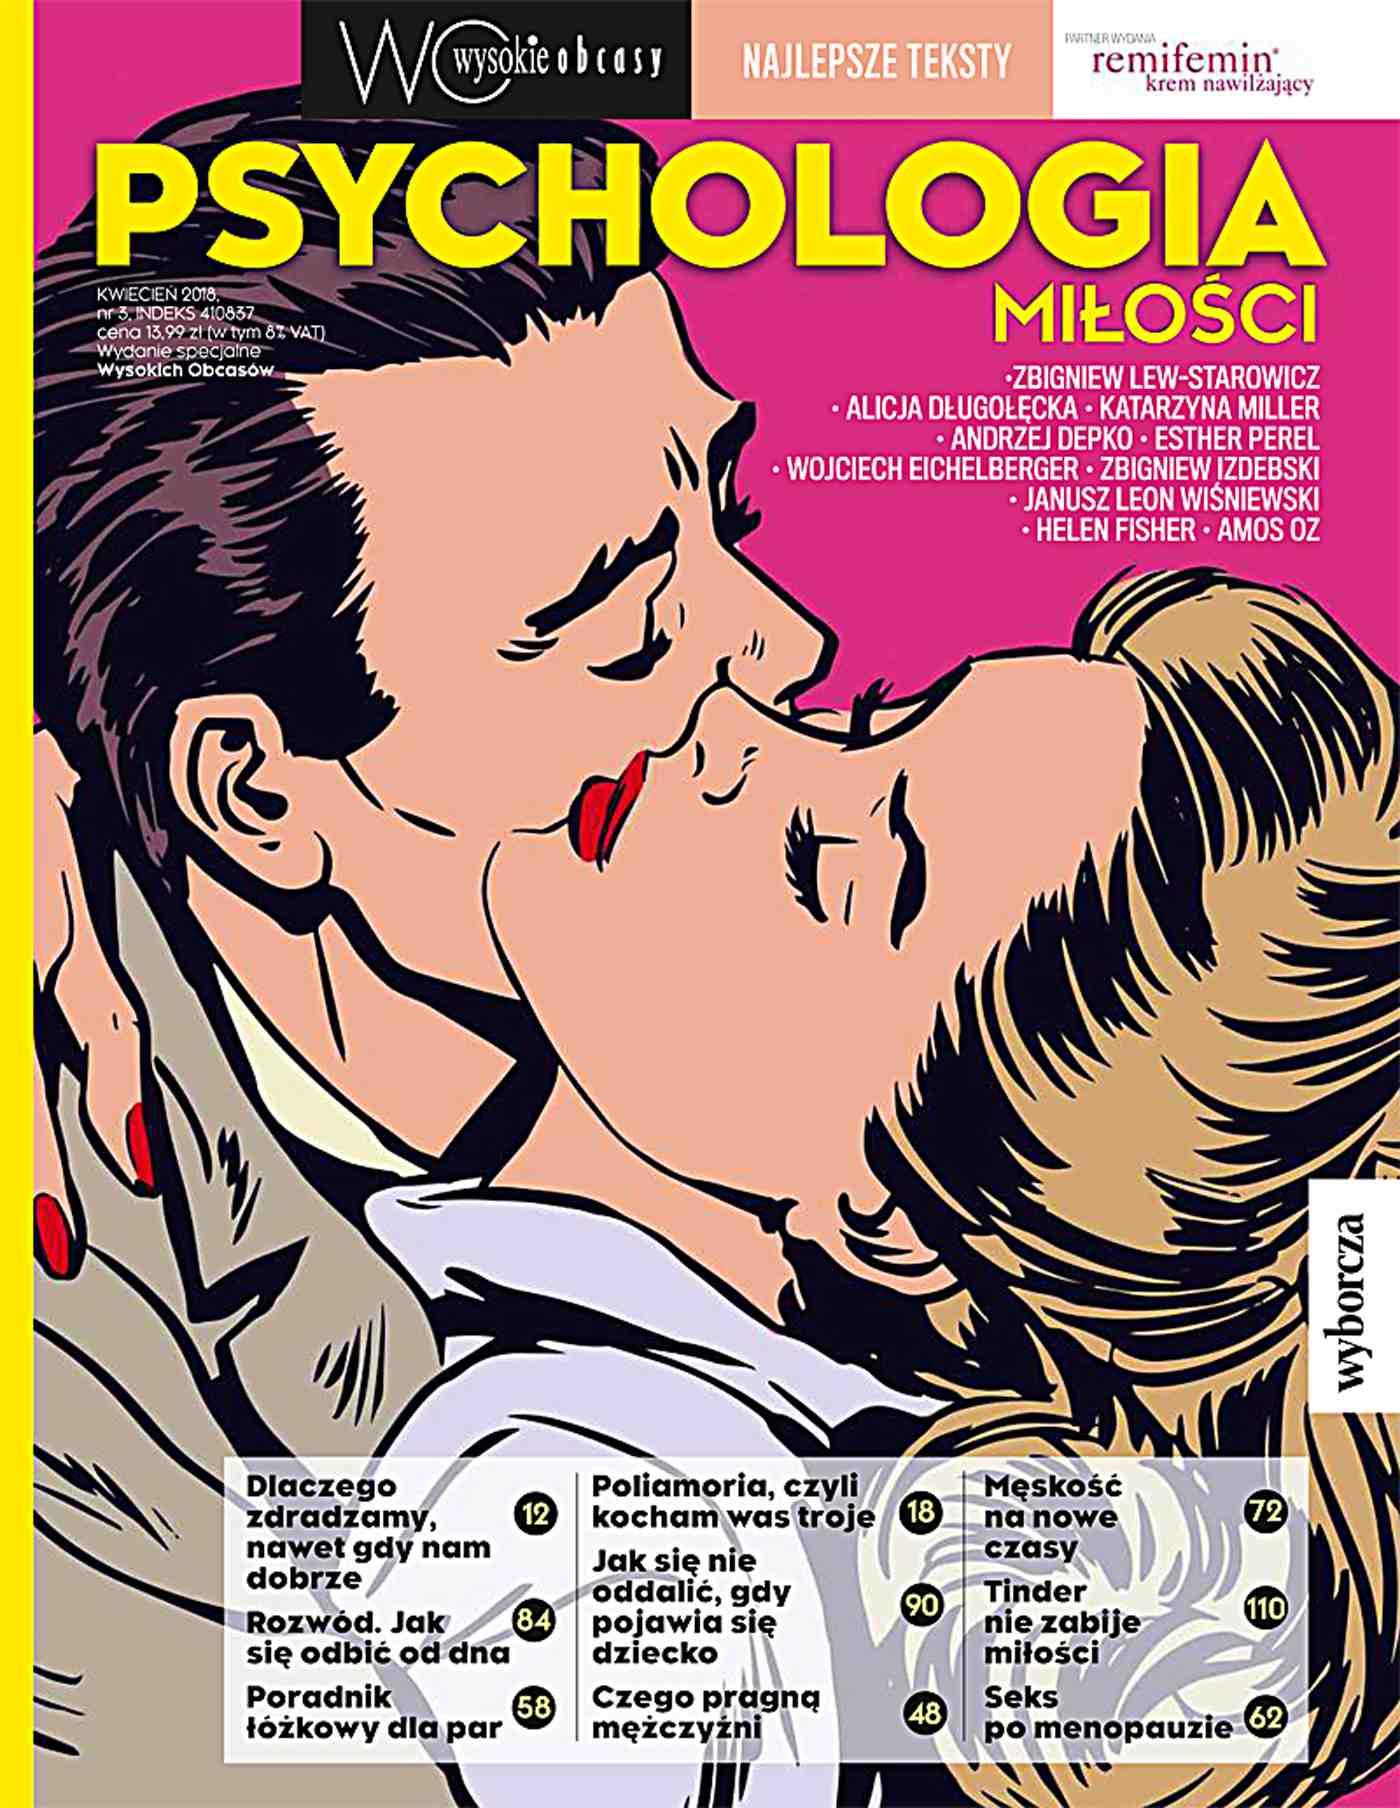 Psychologia miłości. Wysokie Obcasy. Wydanie Specjalne 3/2018 - Ebook (Książka PDF) do pobrania w formacie PDF